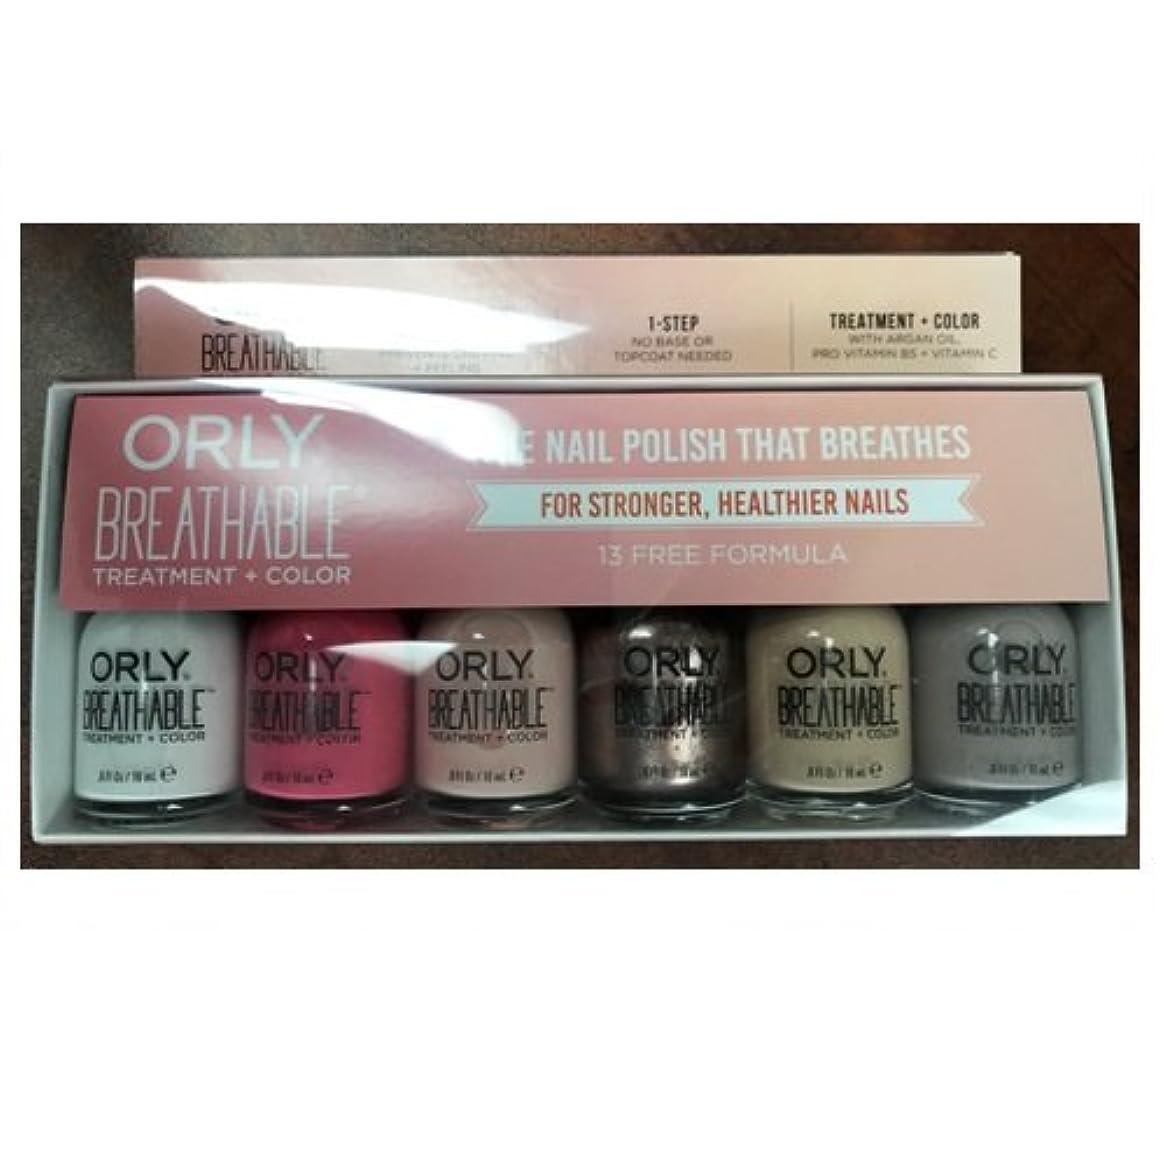 インスタントレバー距離Orly Breathable Nail Lacquer - Treatment + Color - 6 Piece Kit #2 - 18ml / 0.6oz Each